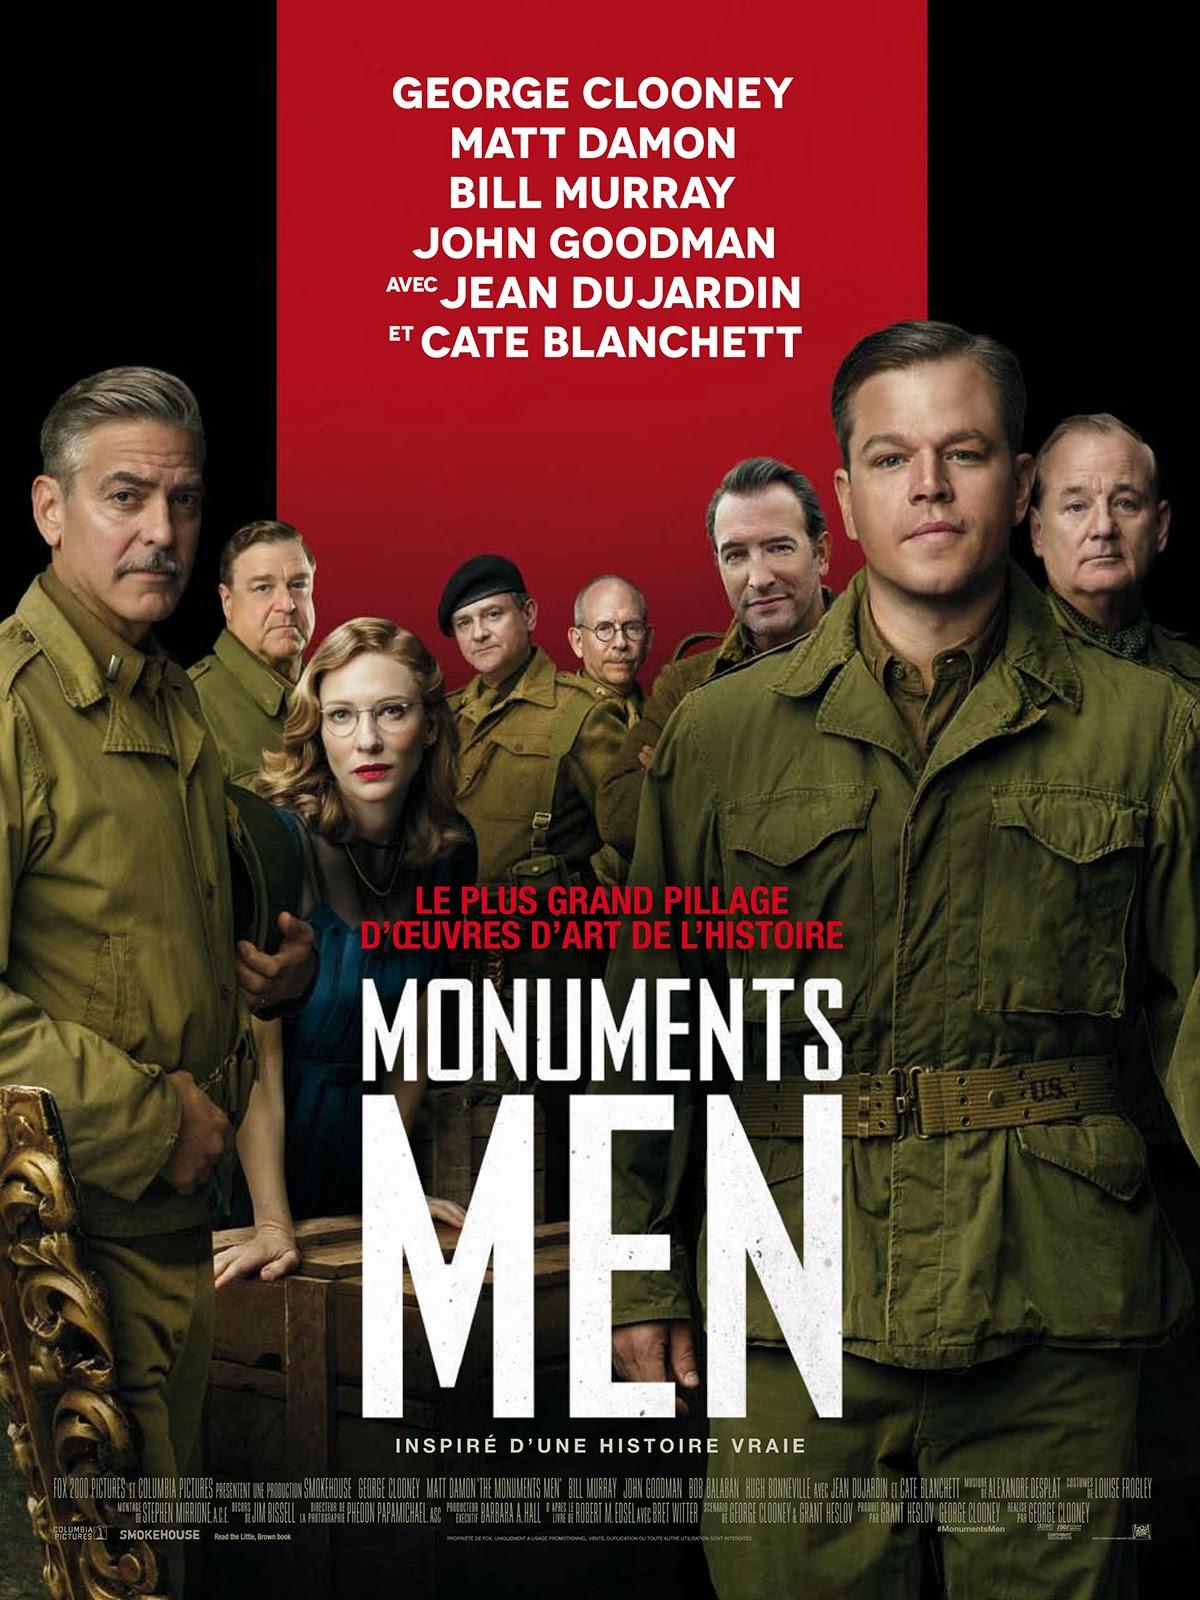 http://fuckingcinephiles.blogspot.fr/2014/03/critique-monuments-men.html